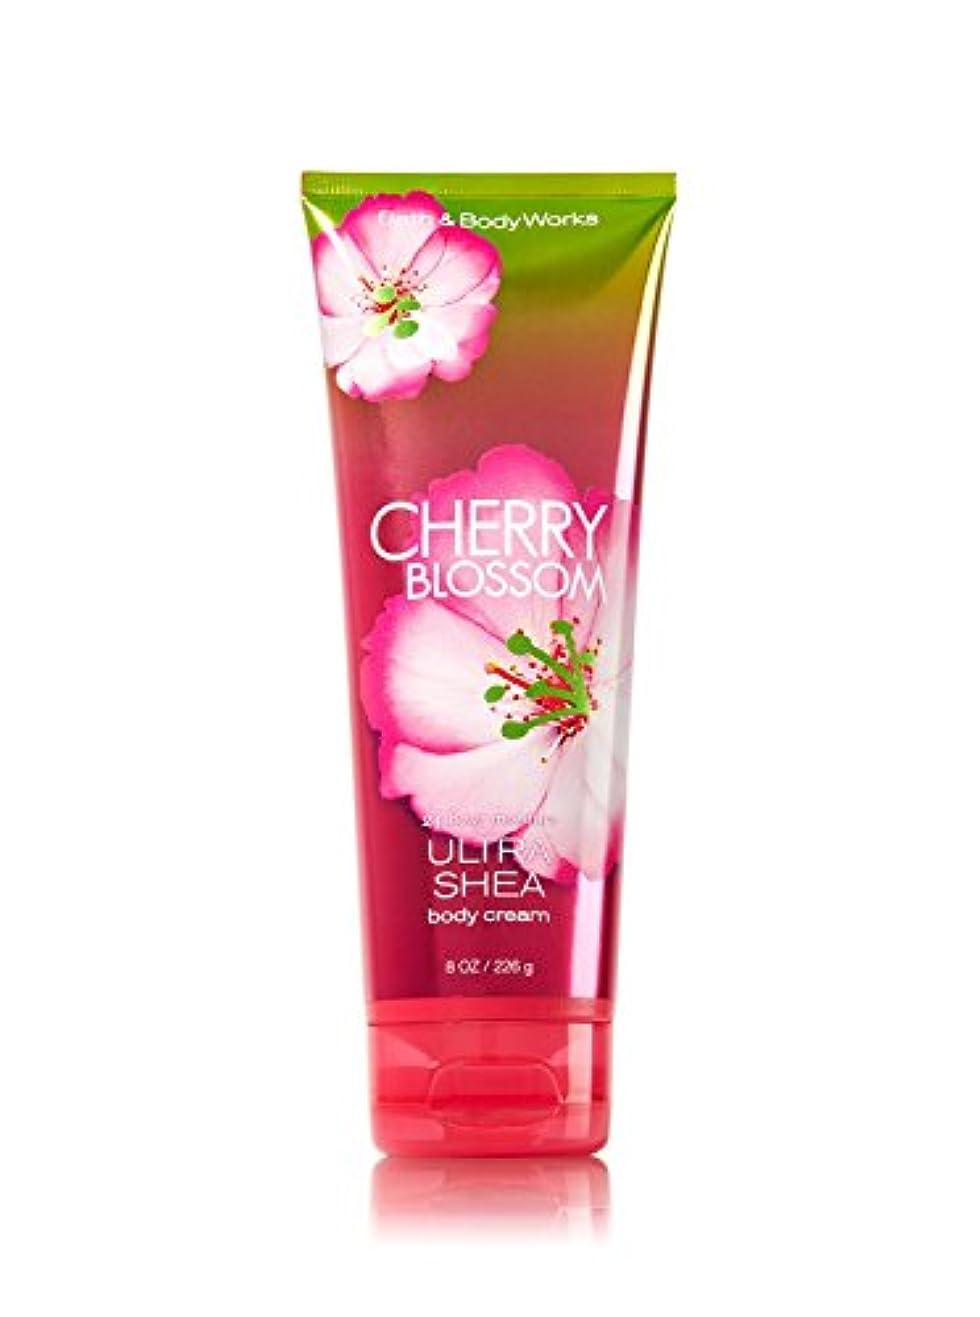 静めるフィードバックラフBath & Body Works バスアンドボディワークス ボディクリーム 並行輸入 (Cherry Blossom)